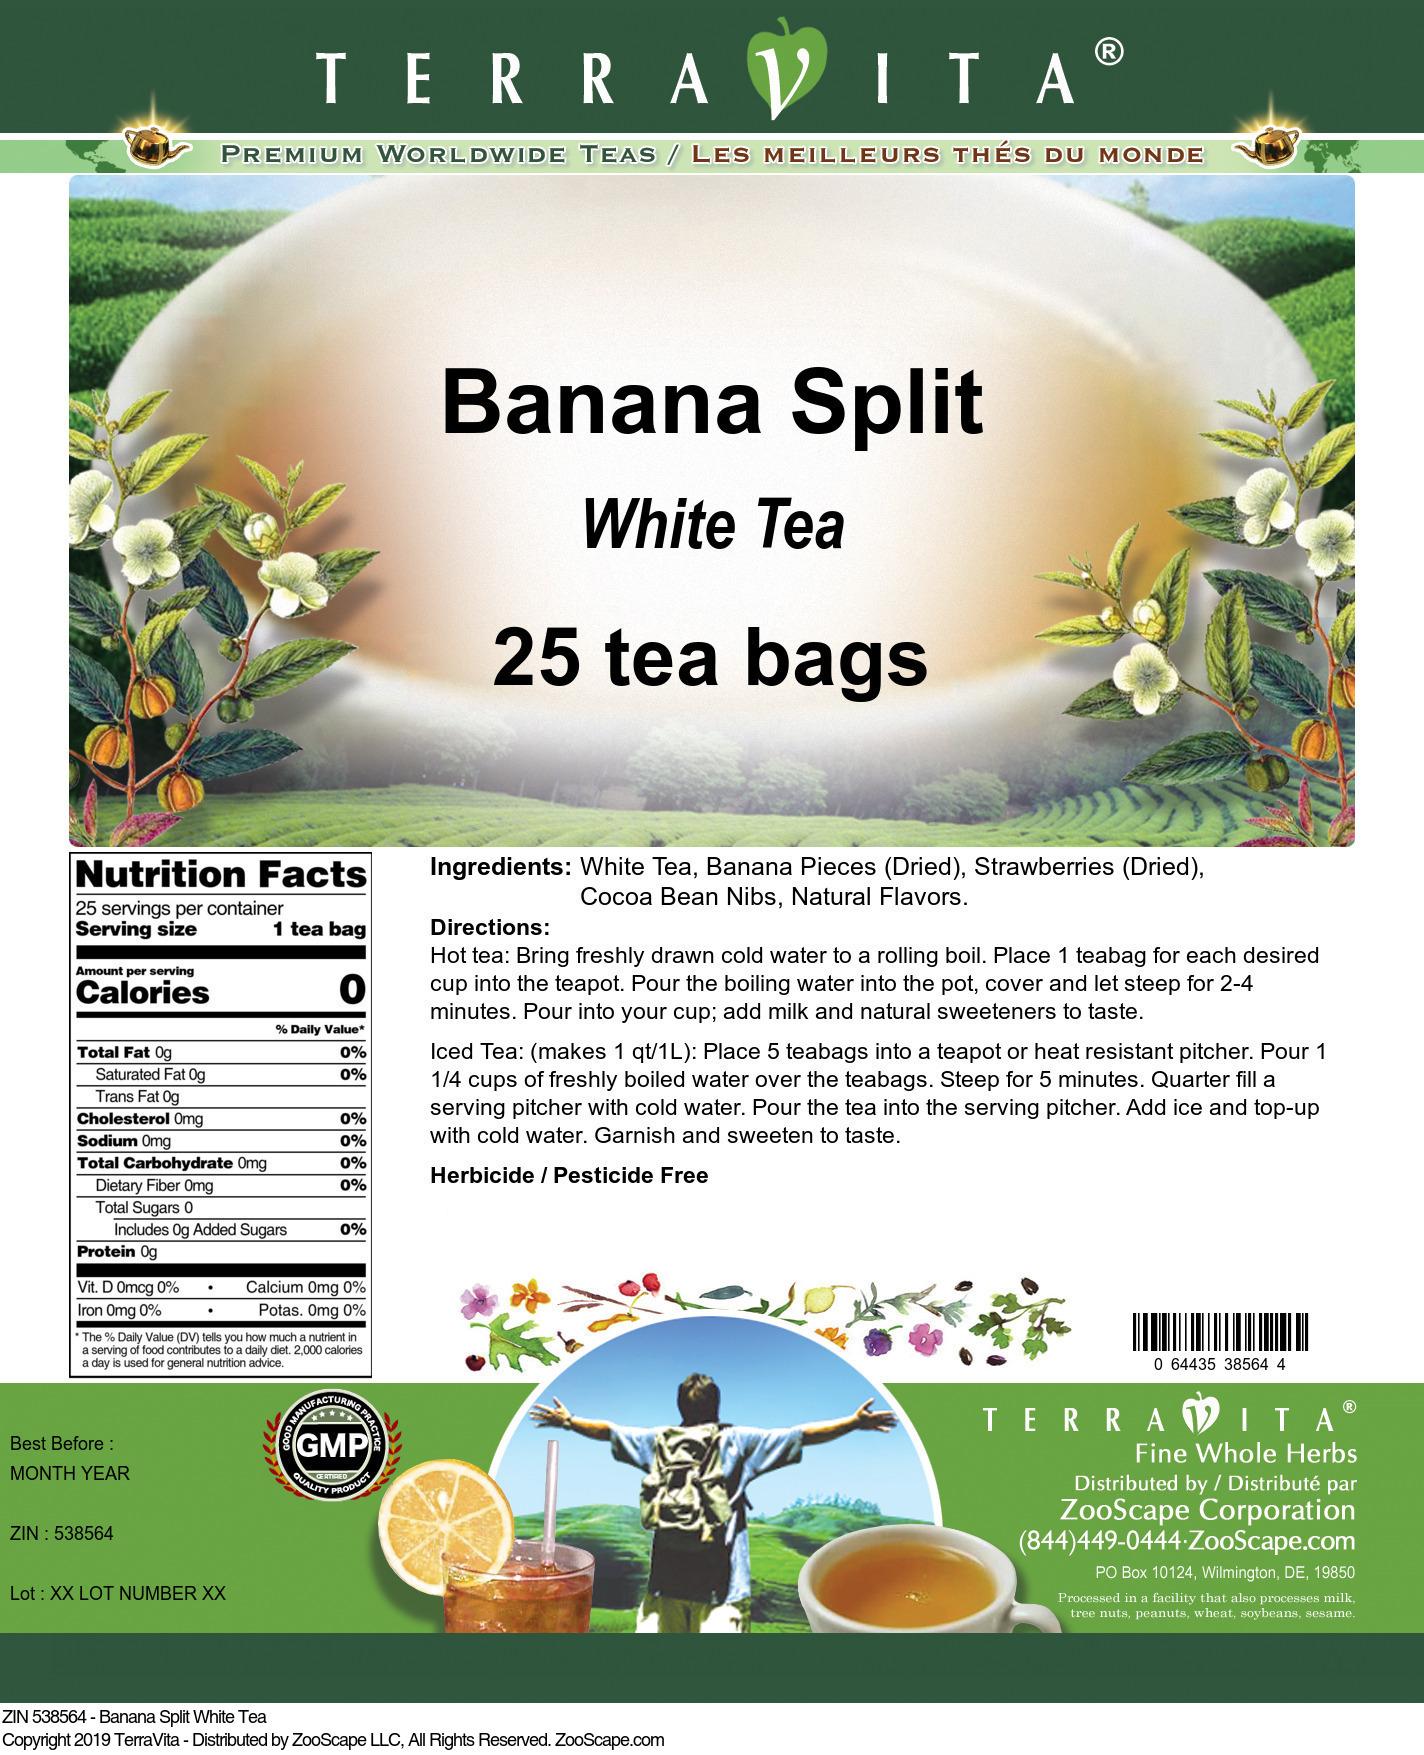 Banana Split White Tea